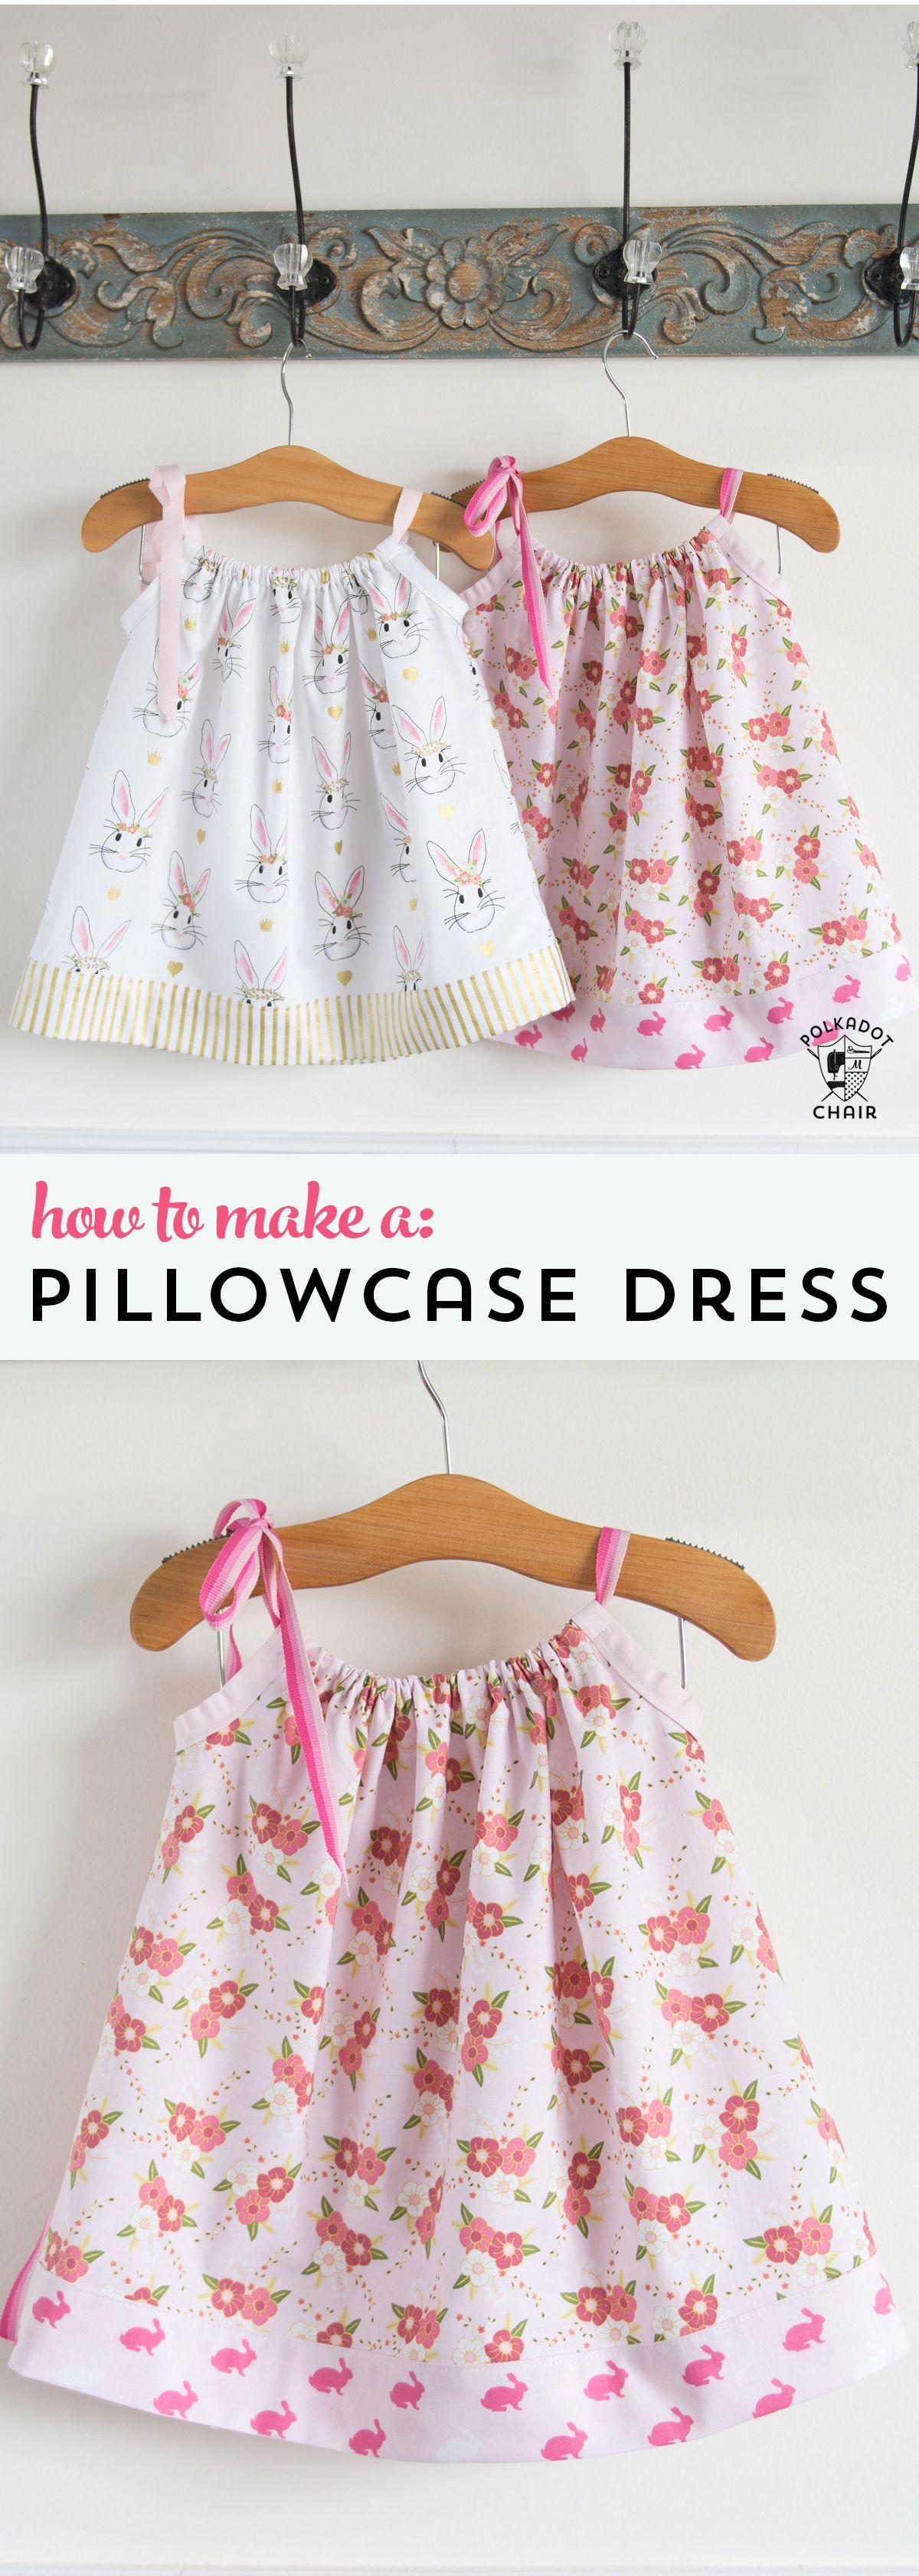 Pillowcase Dress Tutorial & Dress Tutorial pillowsntoast.com